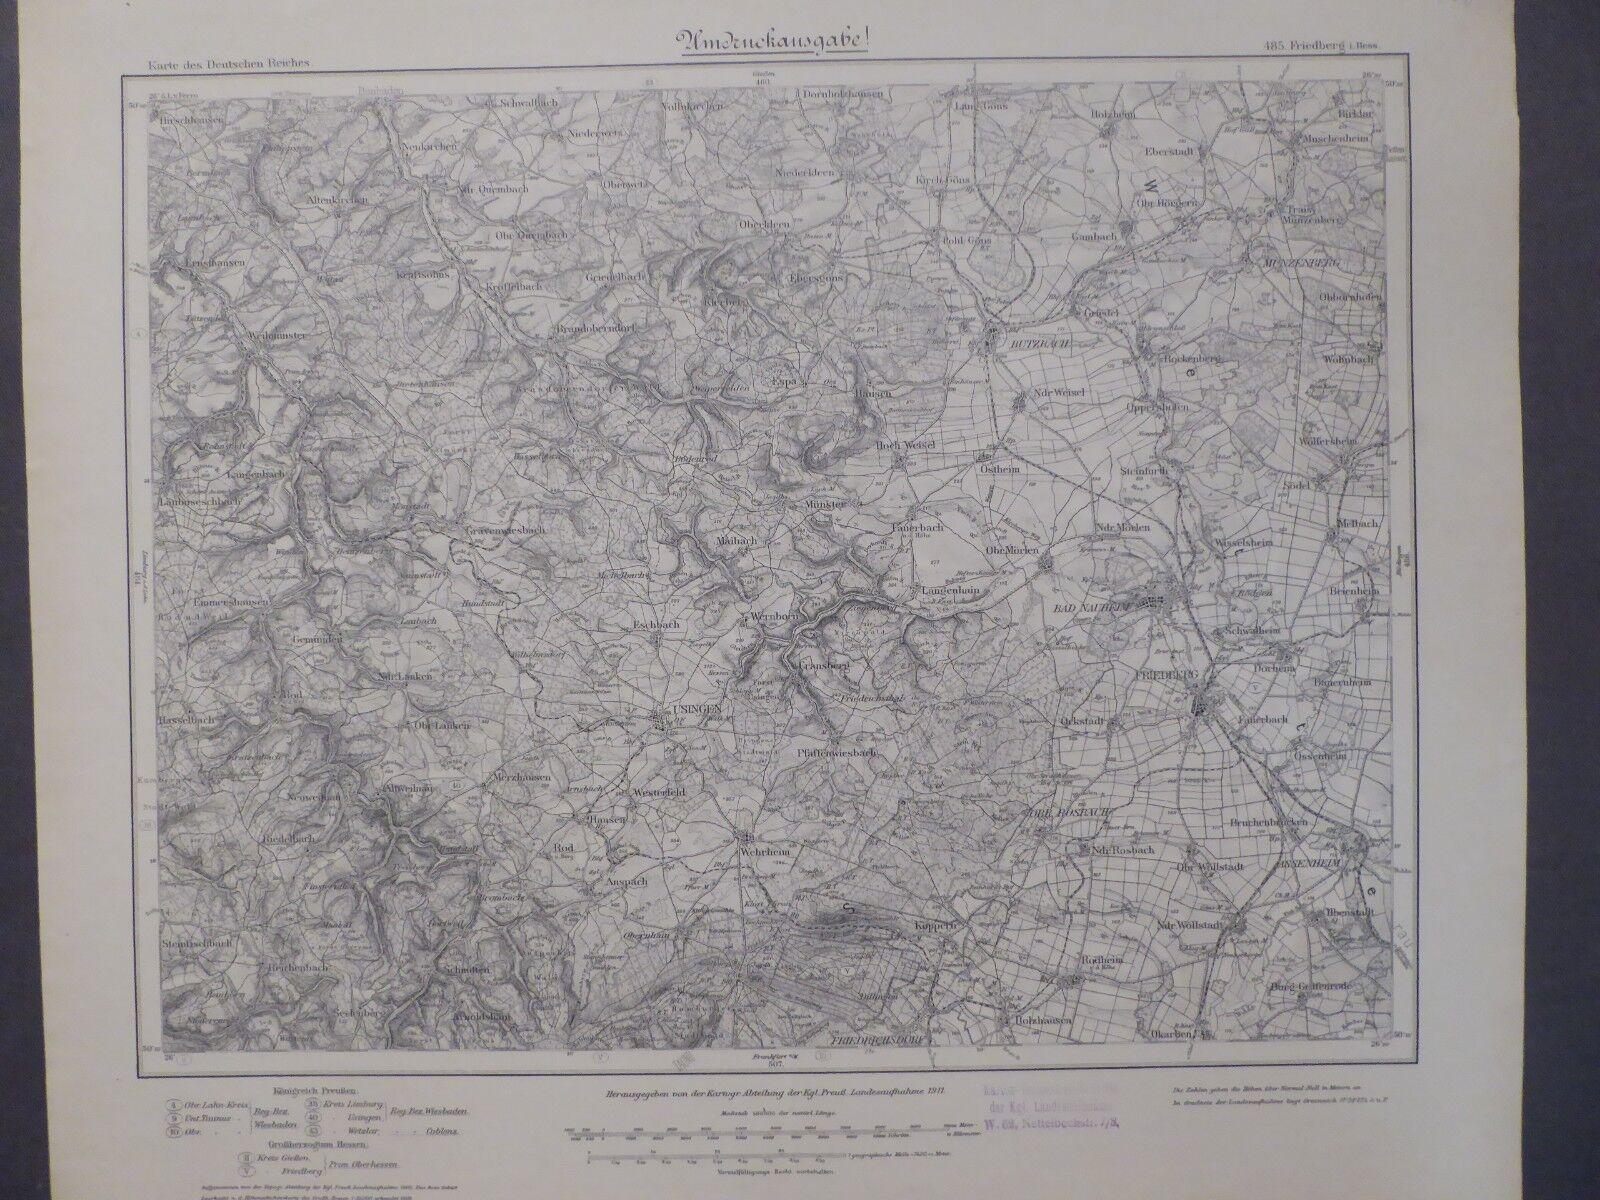 Karte des Deutschen Reiches 485 Friedberg in Hessen, Bad Nauheim, Usingen, 1912